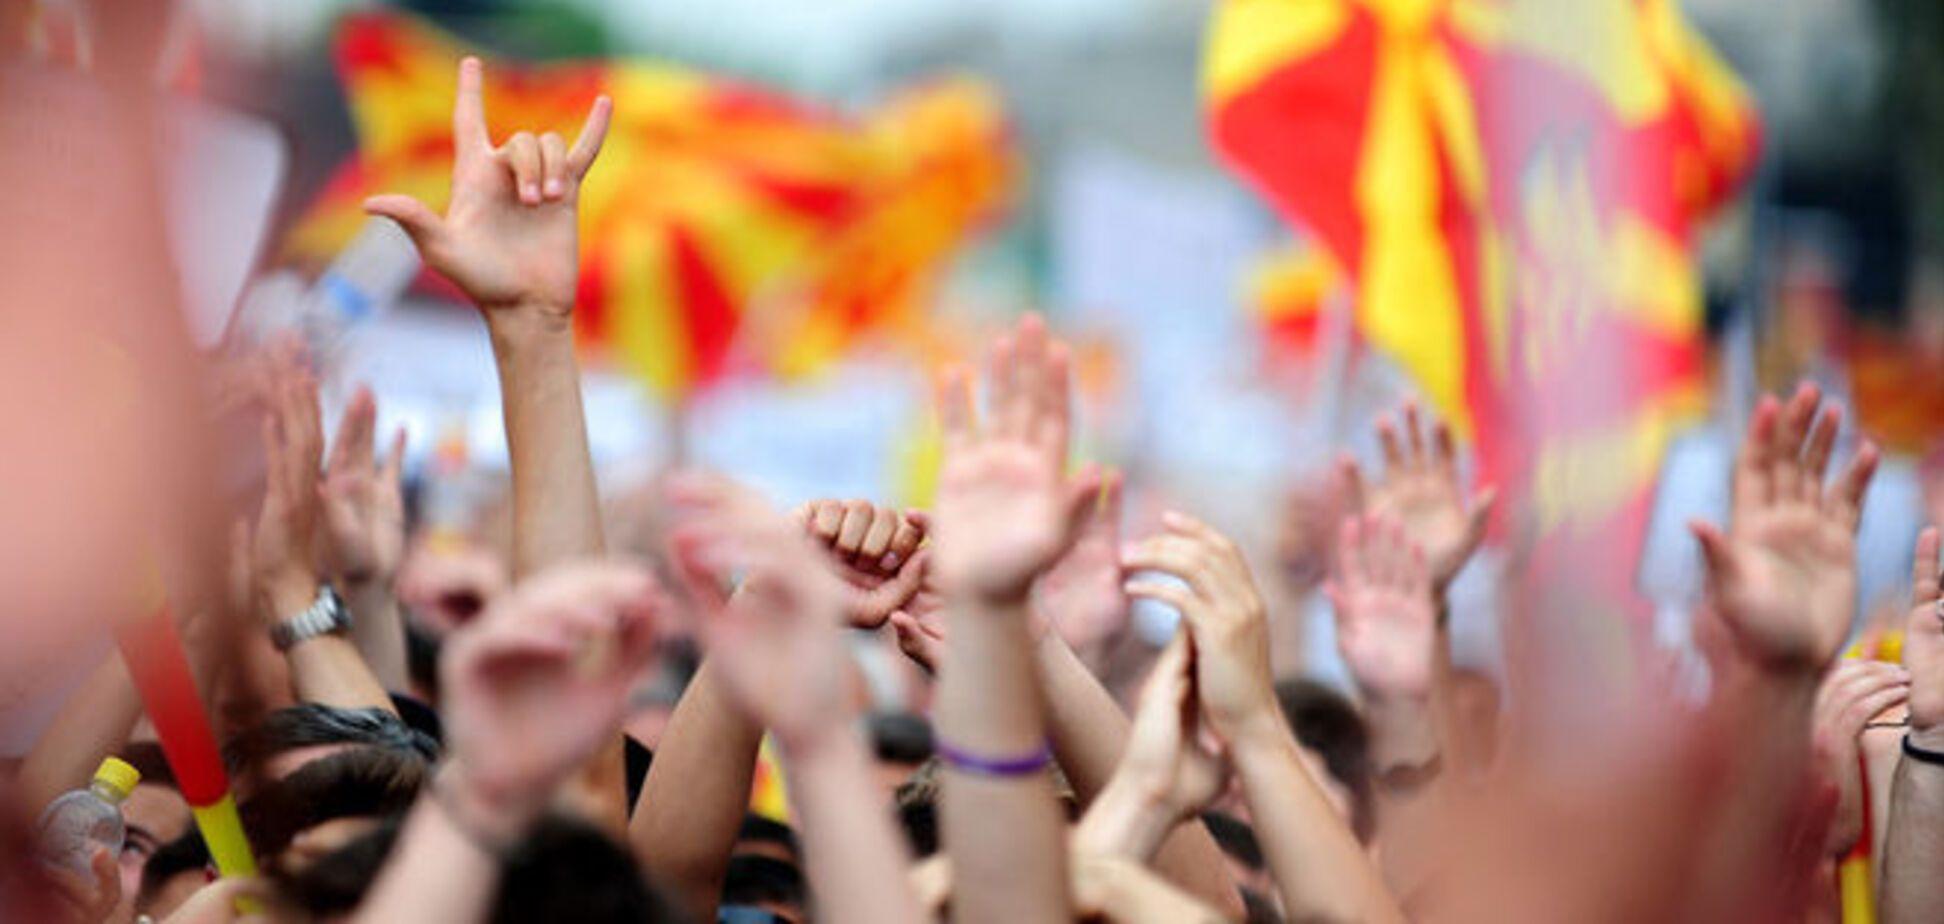 Il Giornale: за восстанием в Скопье стоит крупная газовая игра